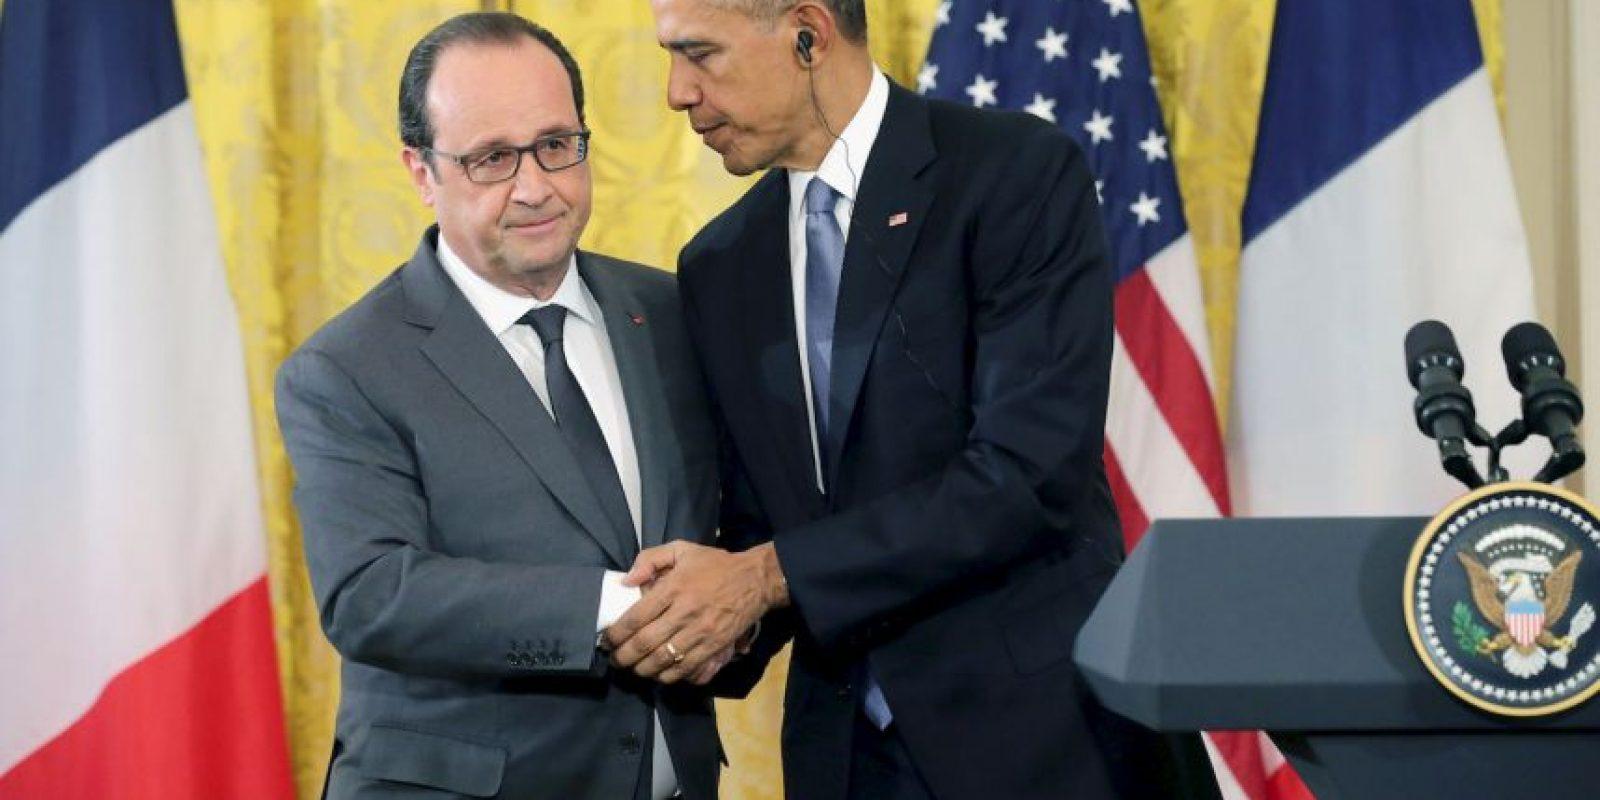 Dicha coalición está compuesta por 65 países. Foto:Getty Images